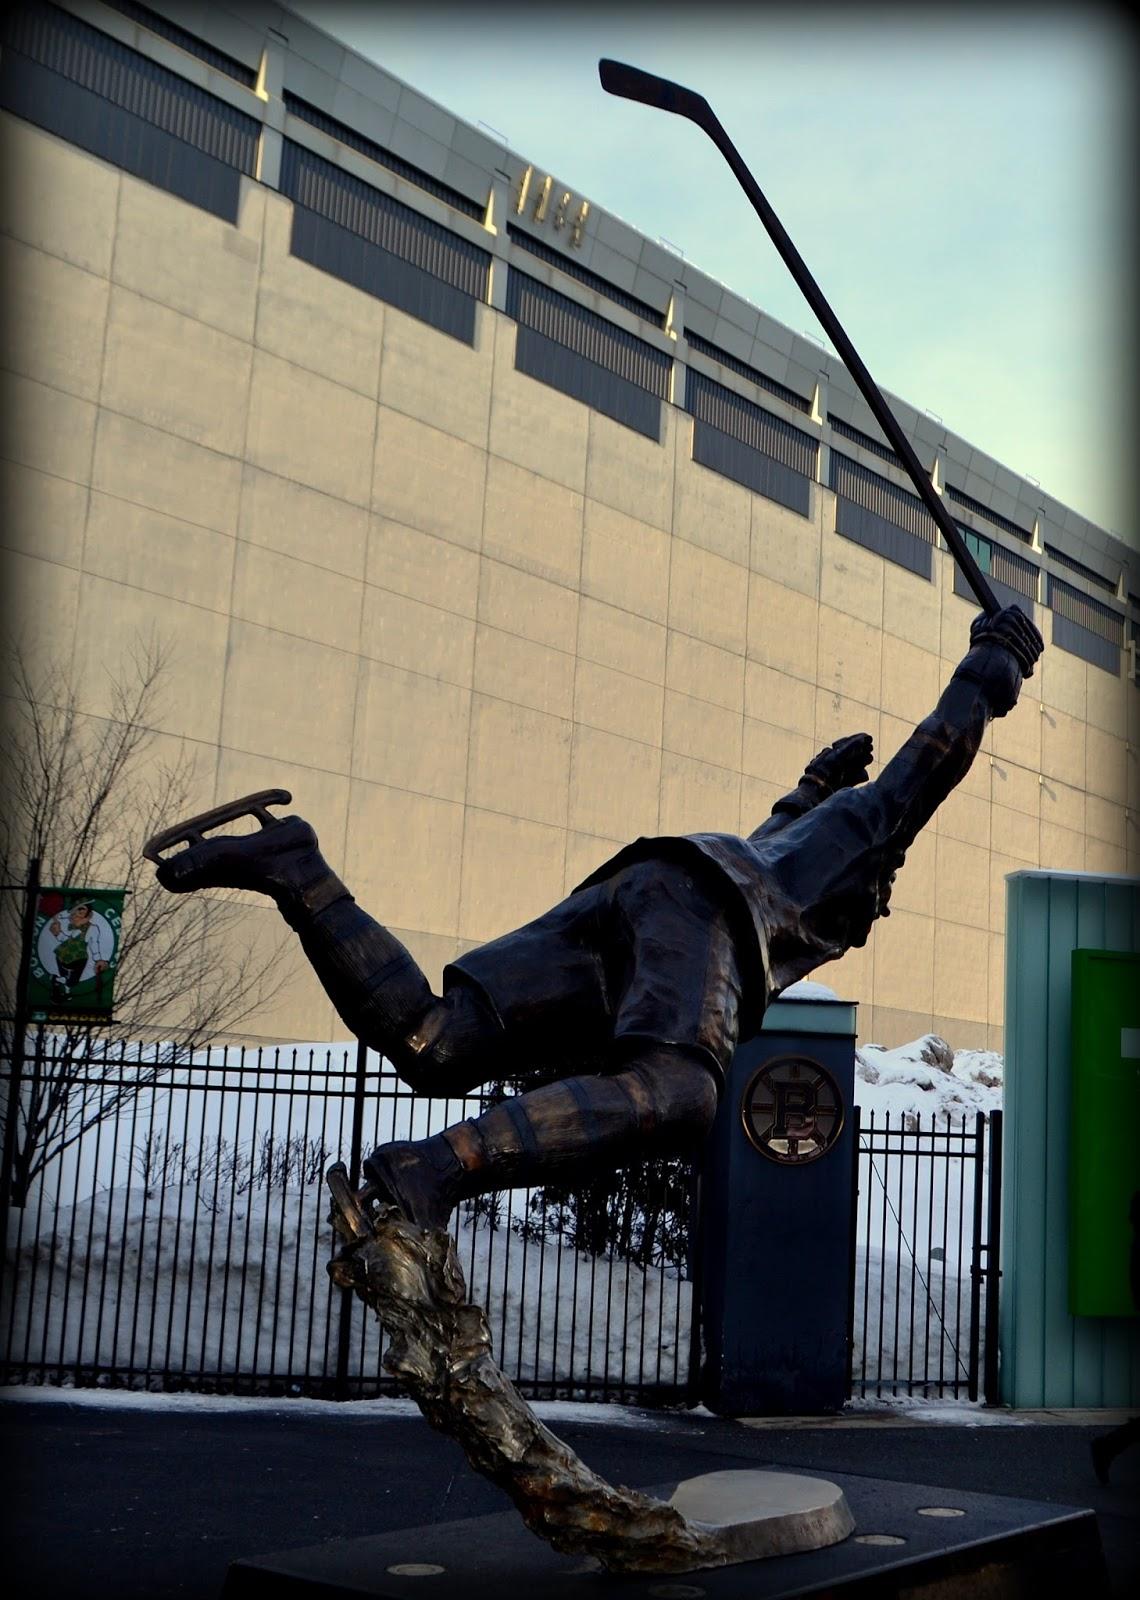 bobby orr, number 4, 4, statue, bruins, boston